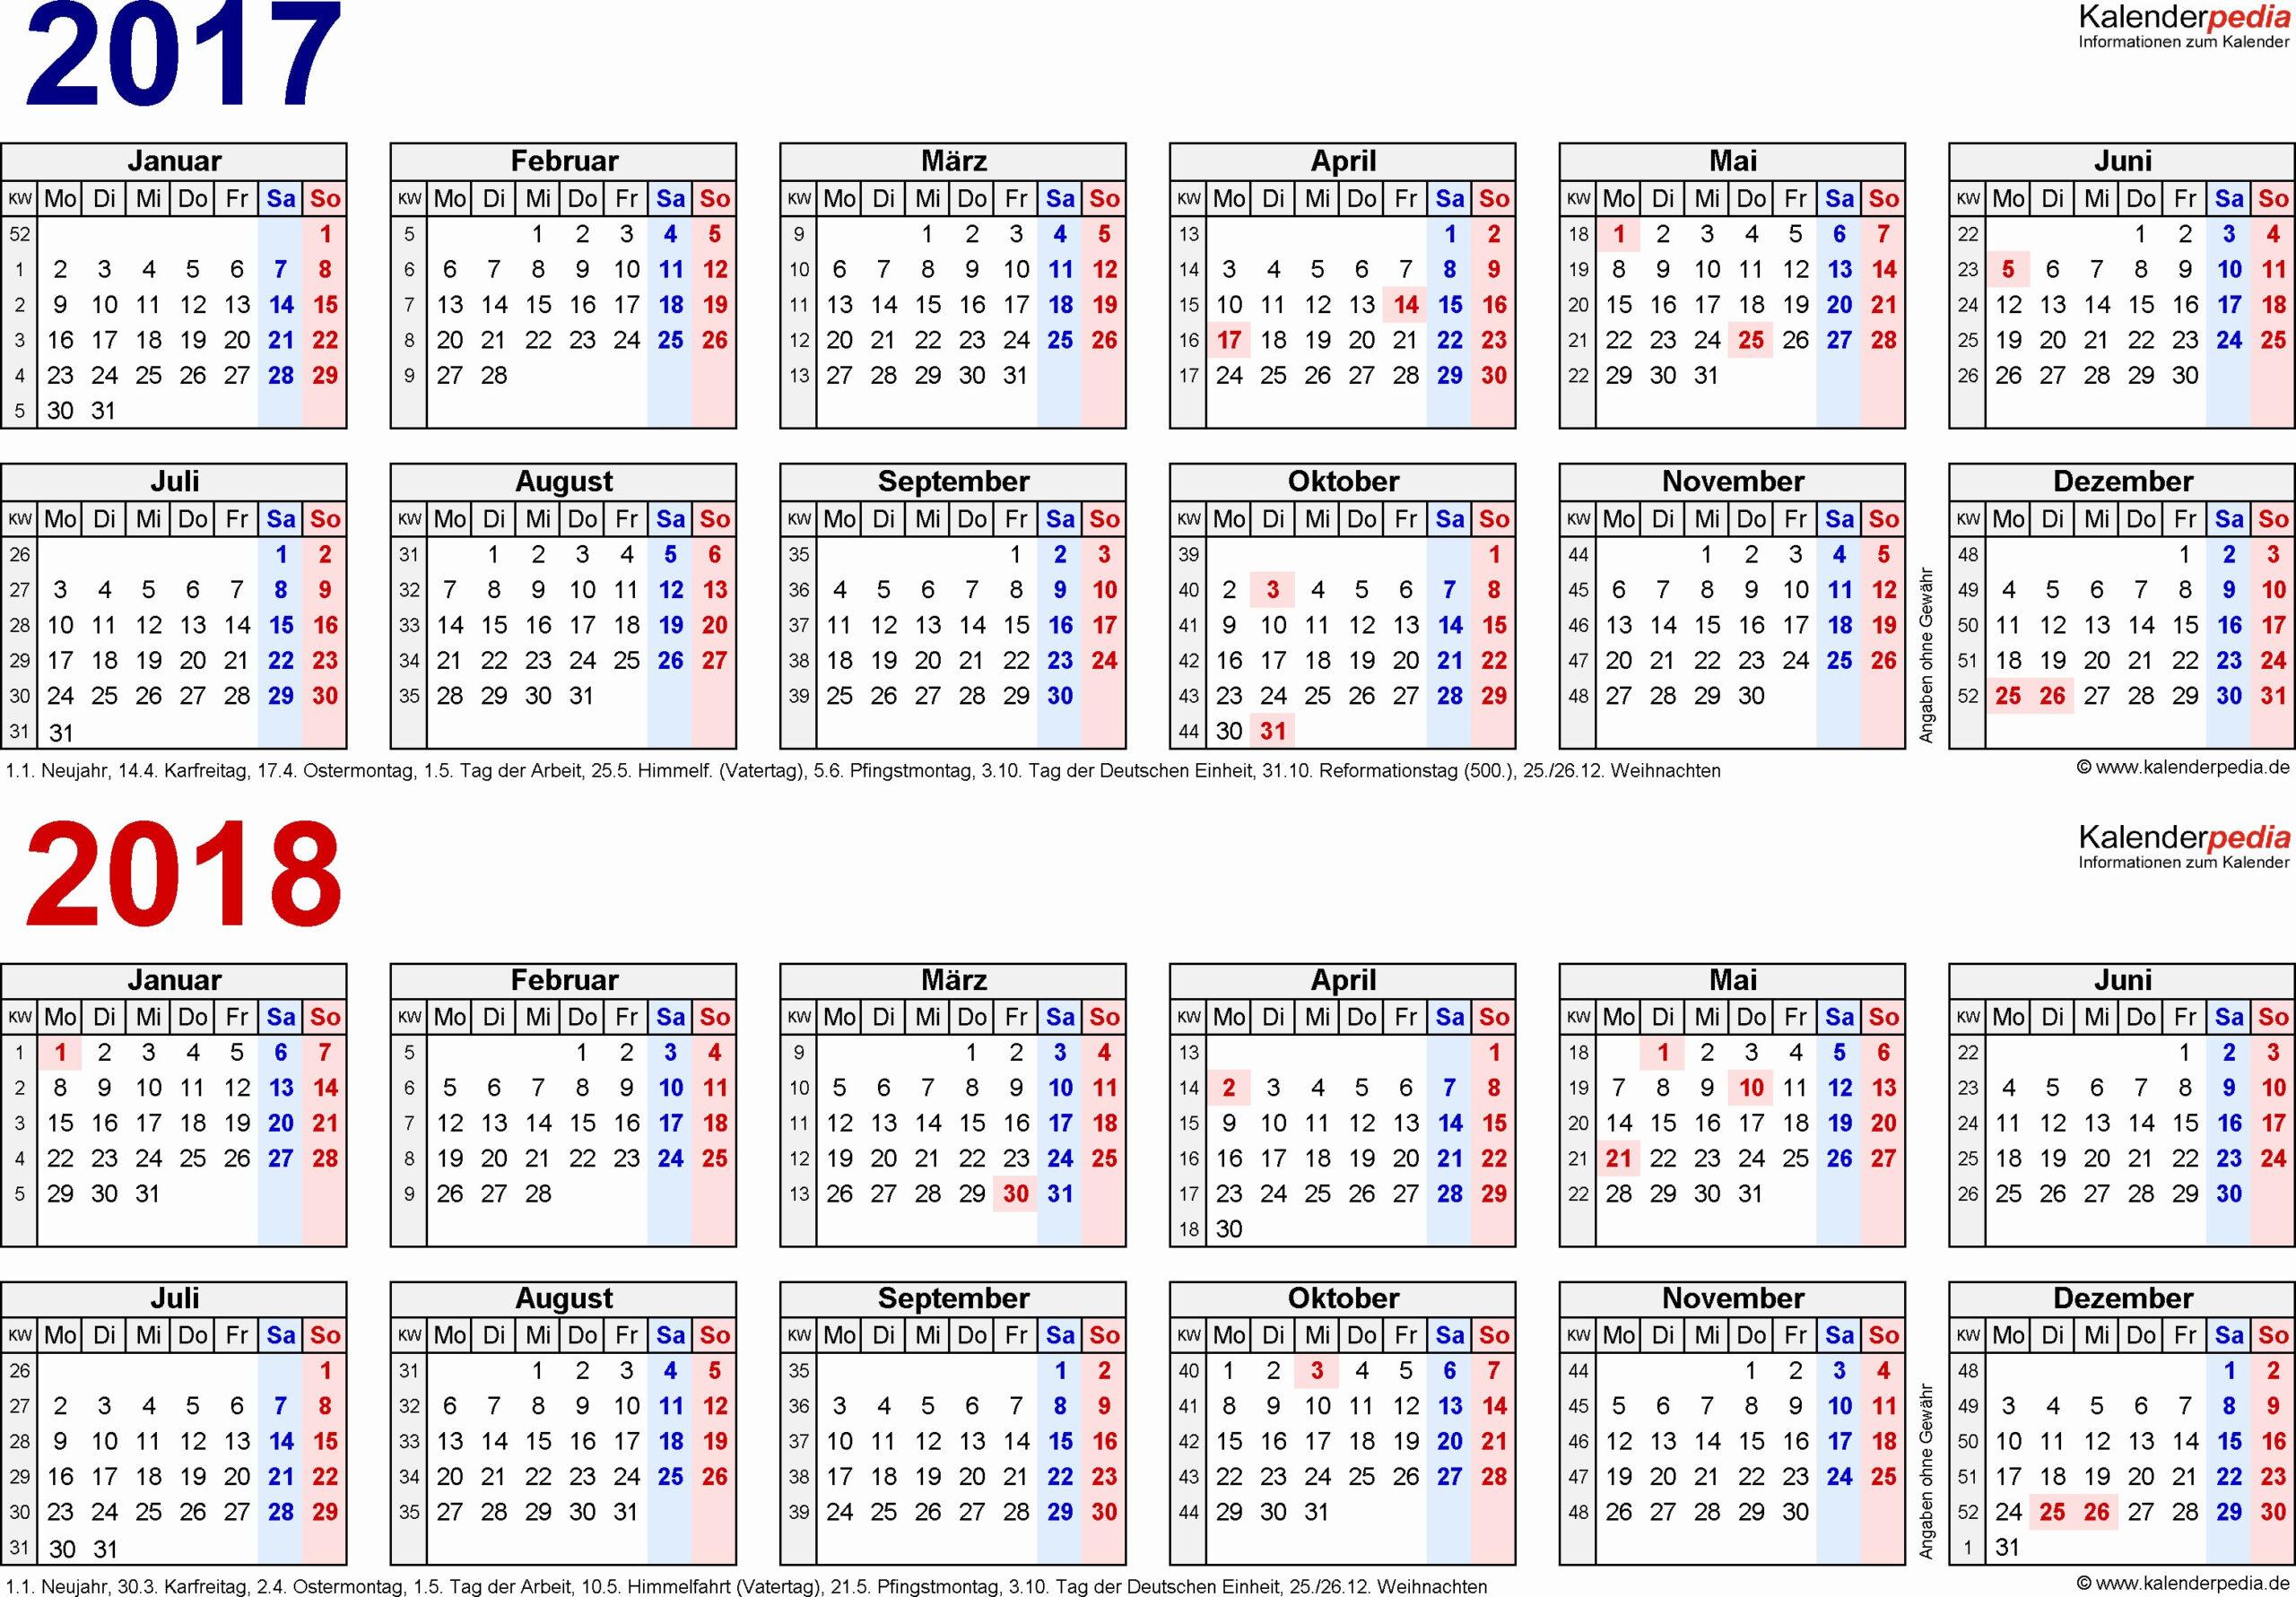 Depo Provera Printable Calendar 2020 | Example Calendar  Depo Provera Perpetual Calendar Starting July 4